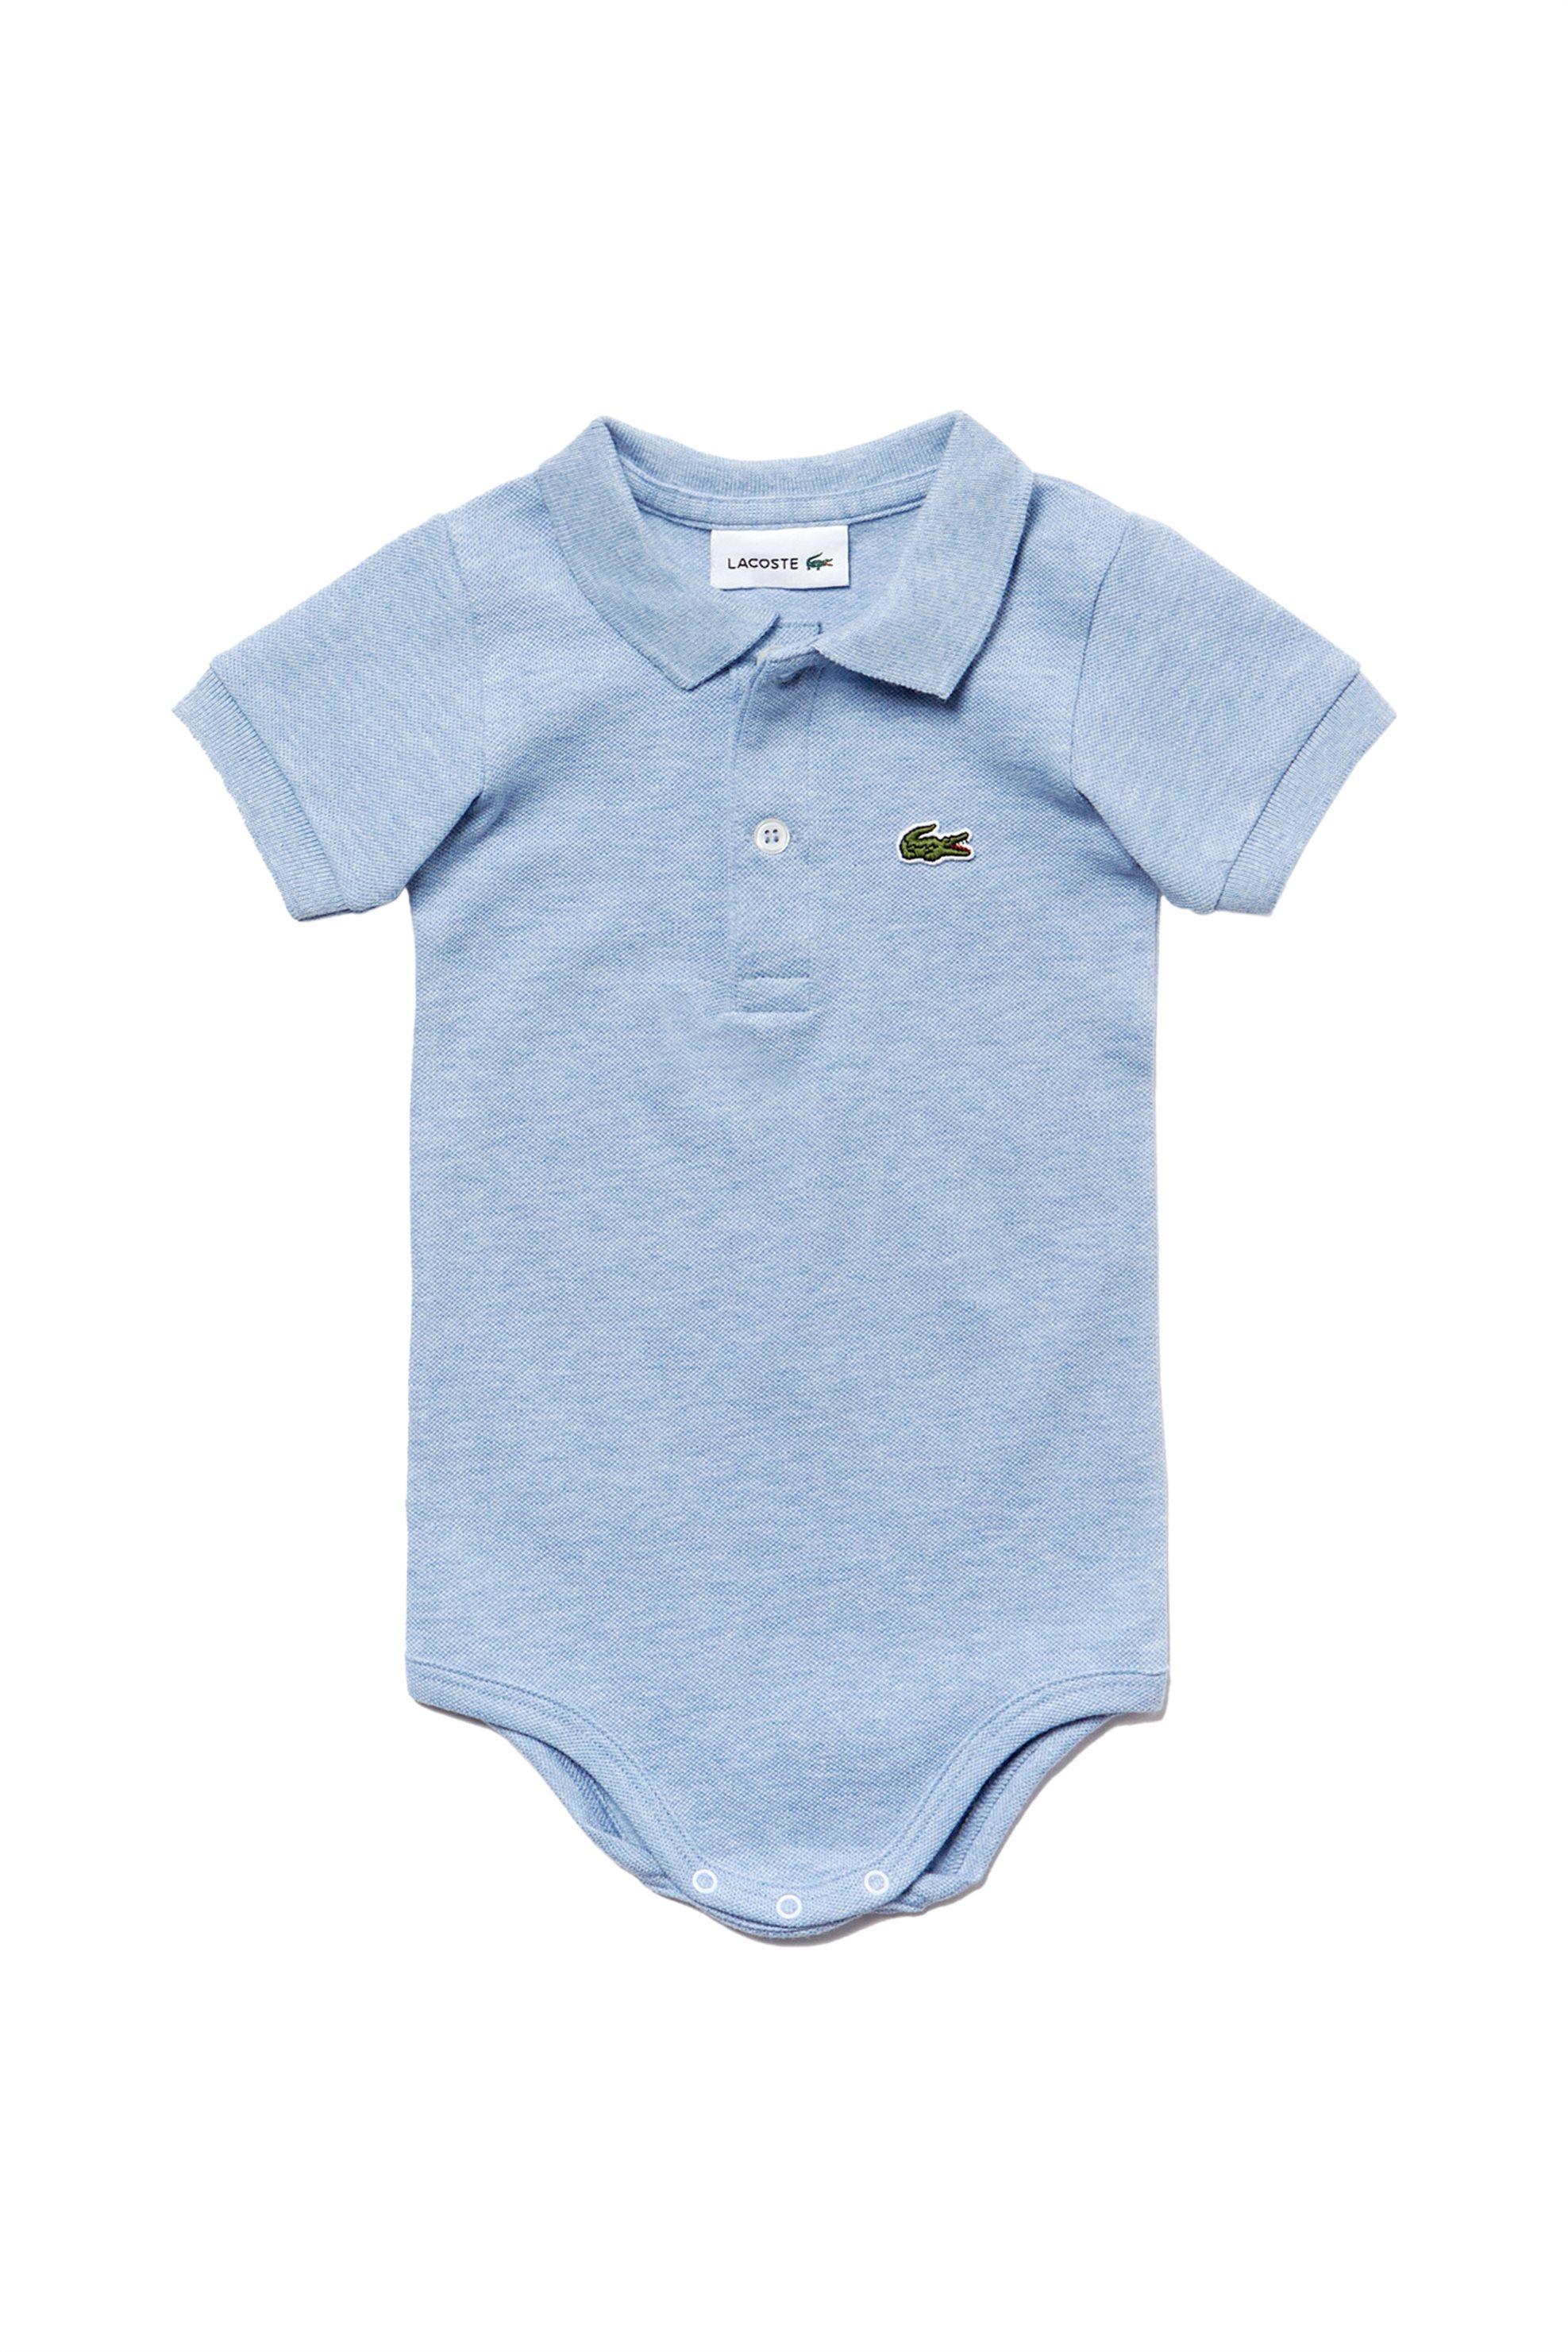 Βρεφικό φορμάκι με κοντό μανίκι Piqué Lacoste - 4J3563 - Ανοιχτό Γαλάζιο παιδι   βρεφικα αγορι   0 3 ετων   ρούχα   φορμάκια